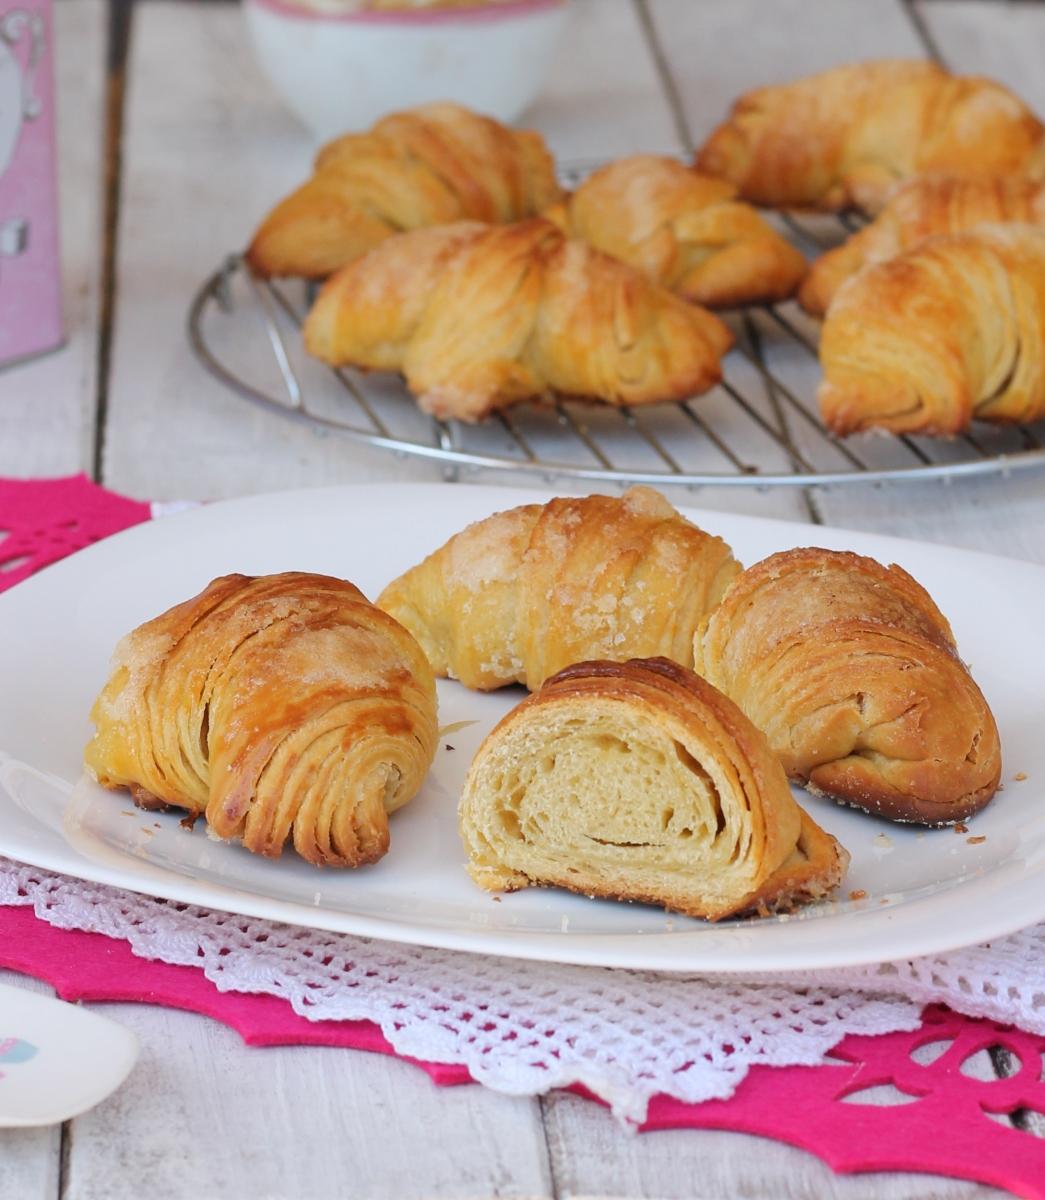 Ricetta cornetti sfogliati veloci | croissant sfogliati facili | metodo sfogliette